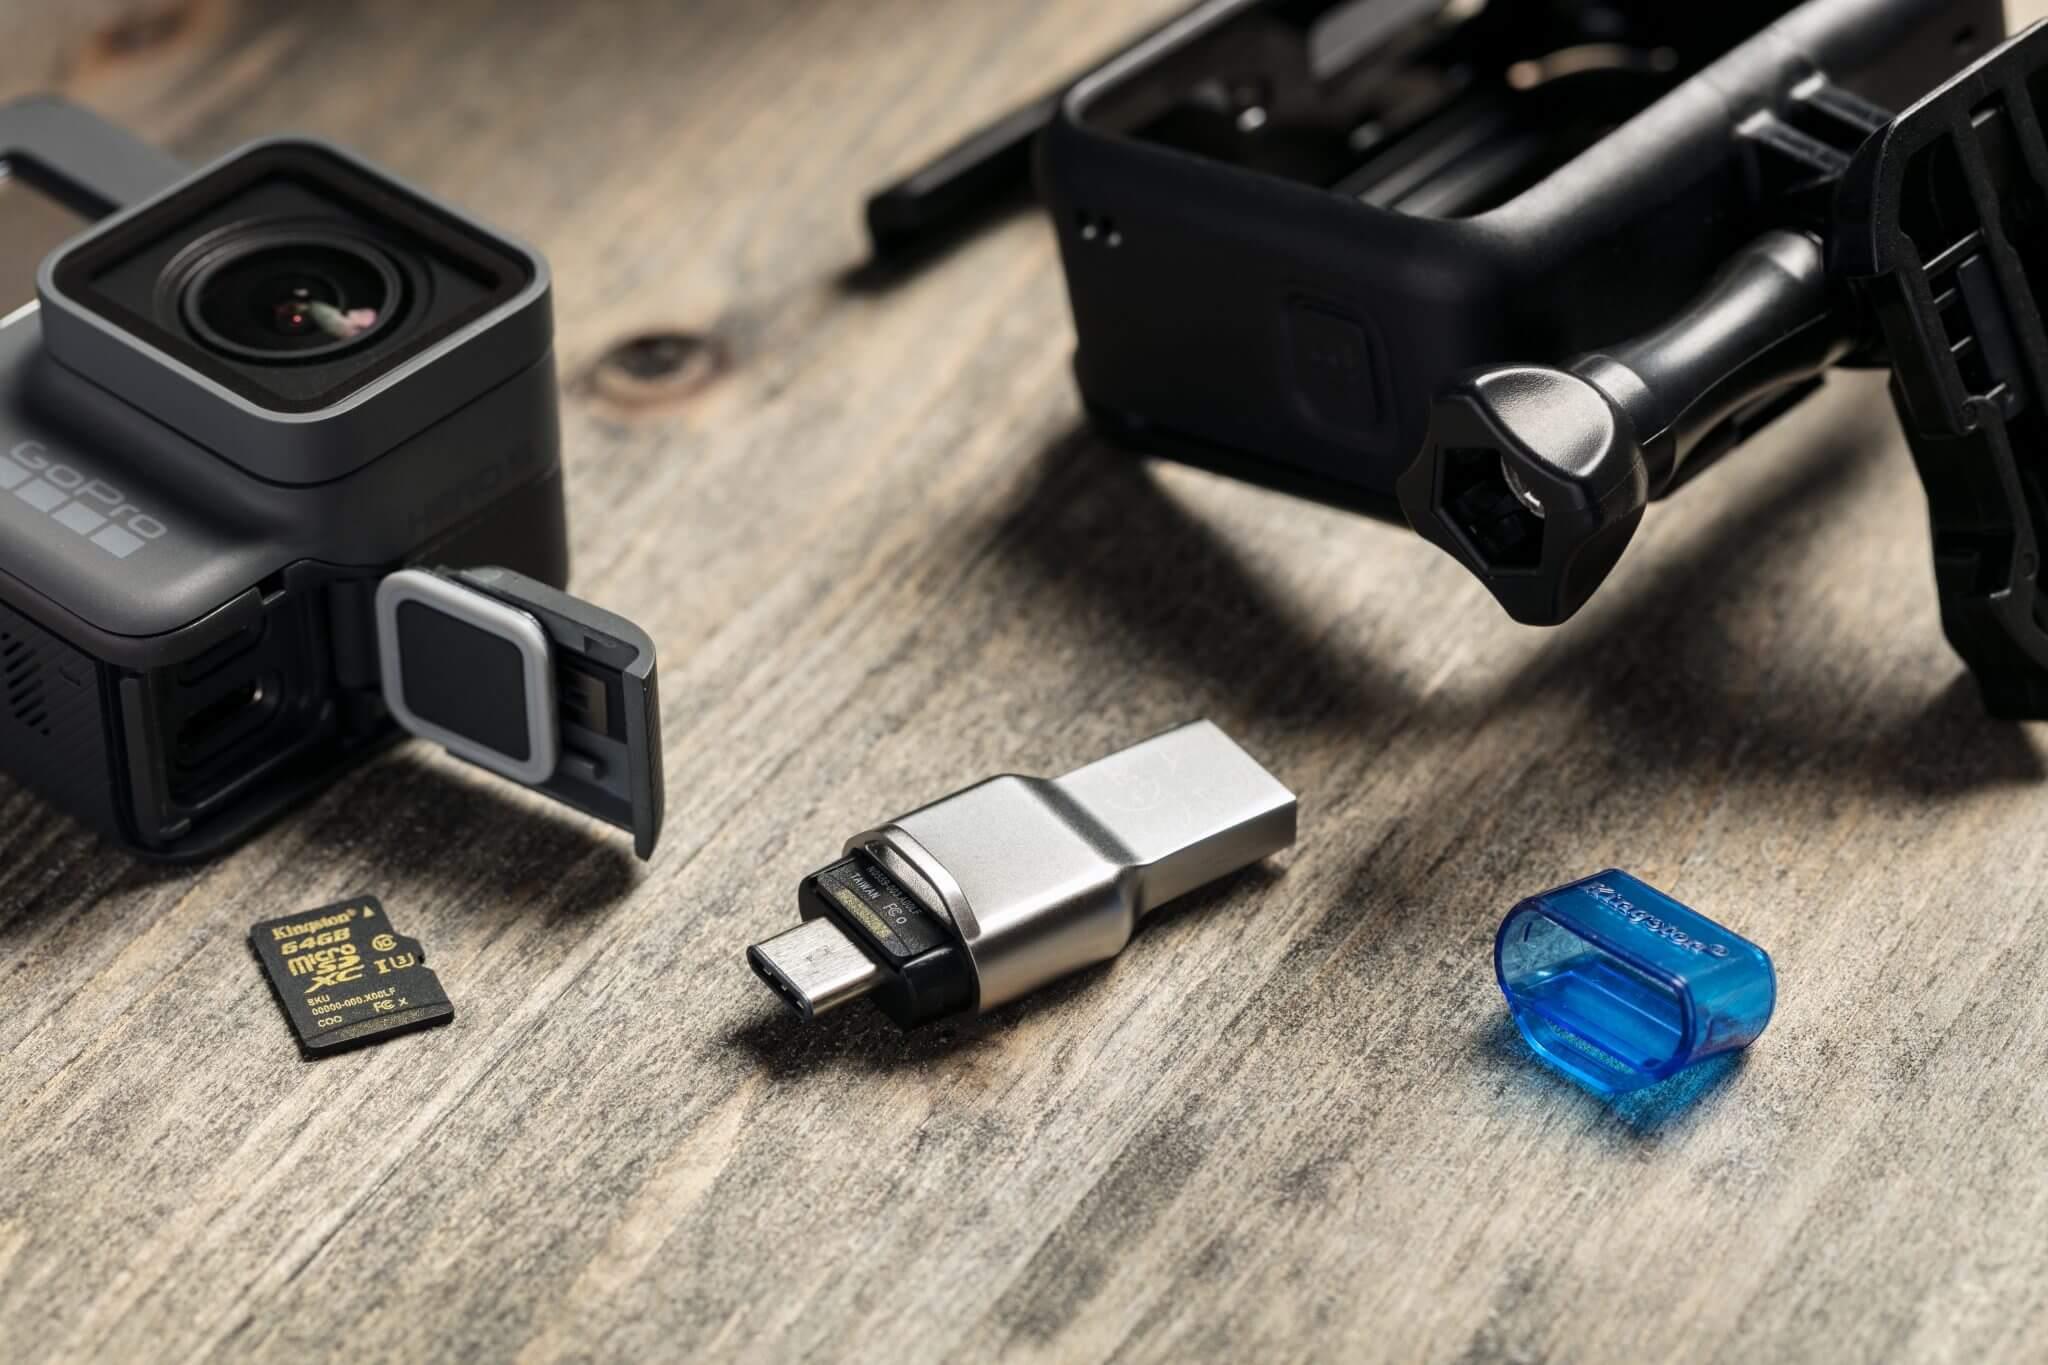 MobilLite Duo 3C redhanded Kingston Kingston lança leitor de cartão microSD com conector USB C